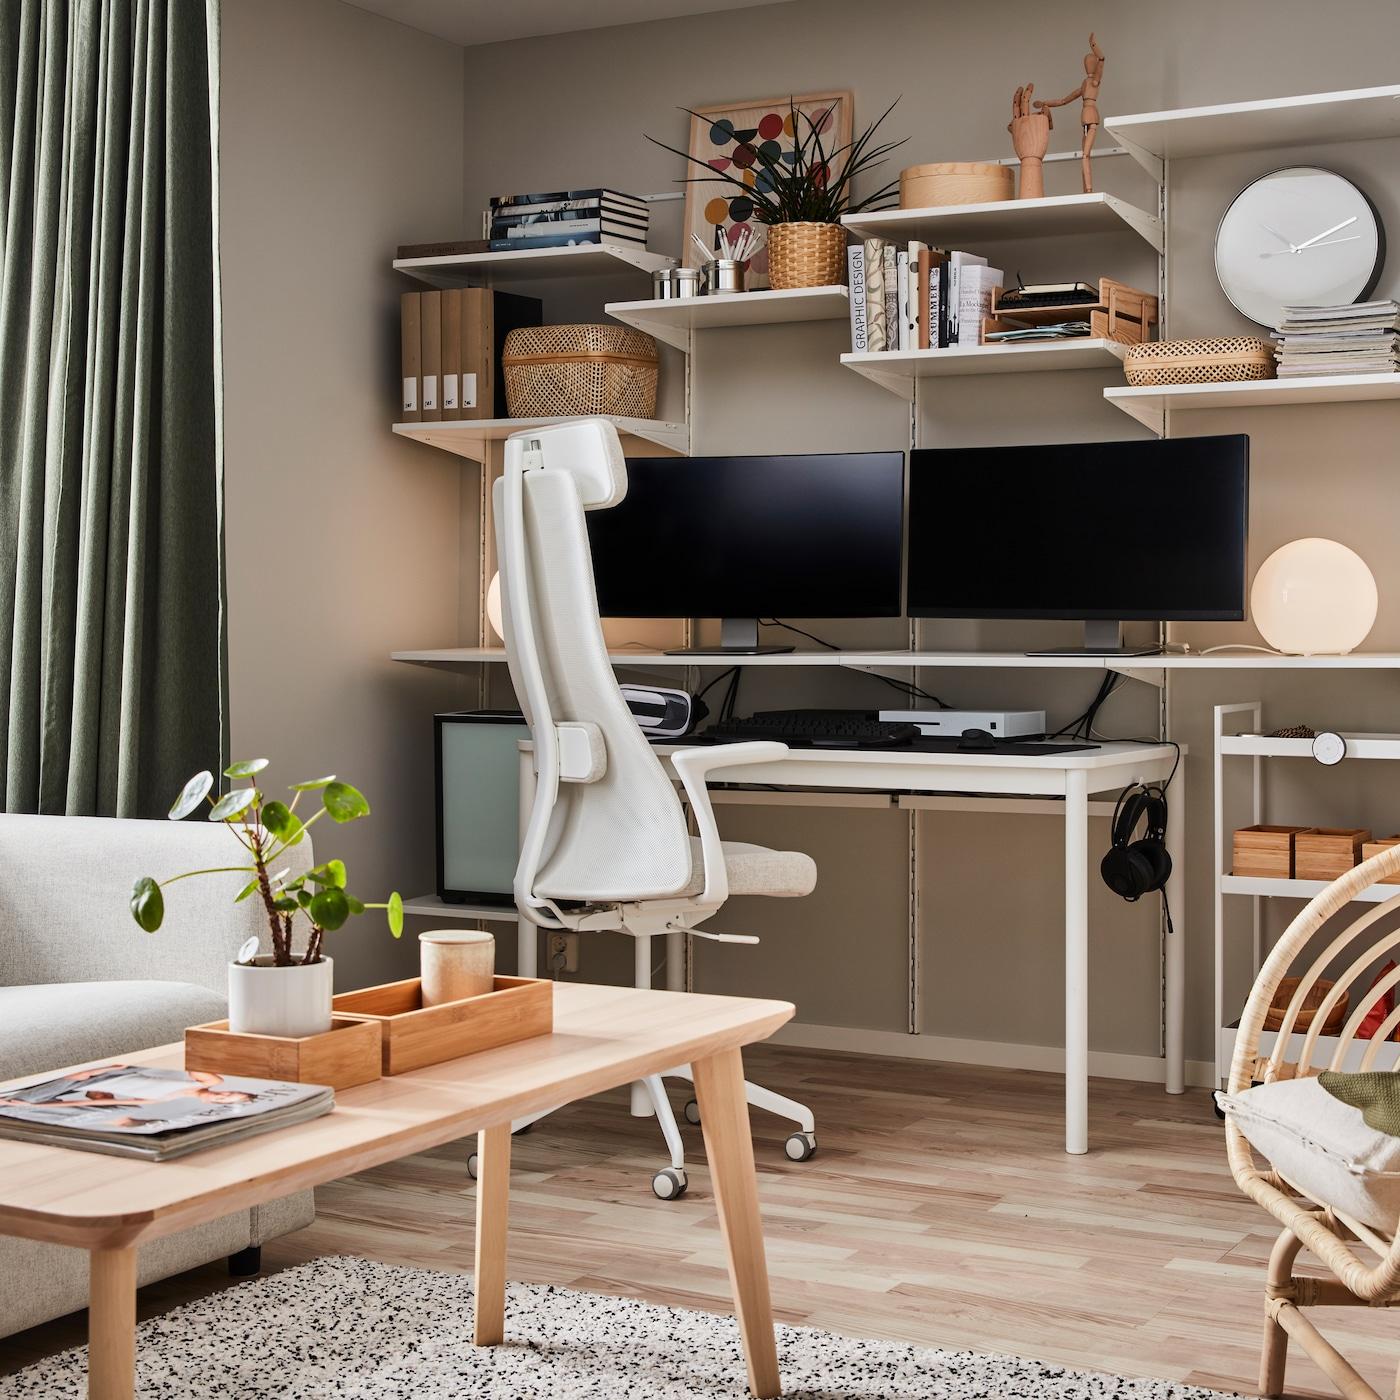 Zamocowany do ściany regał z dwoma monitorami komputera i książkami, stolik kawowy wykończony okleiną jesionową i biało-beżowe krzesło biurowe.